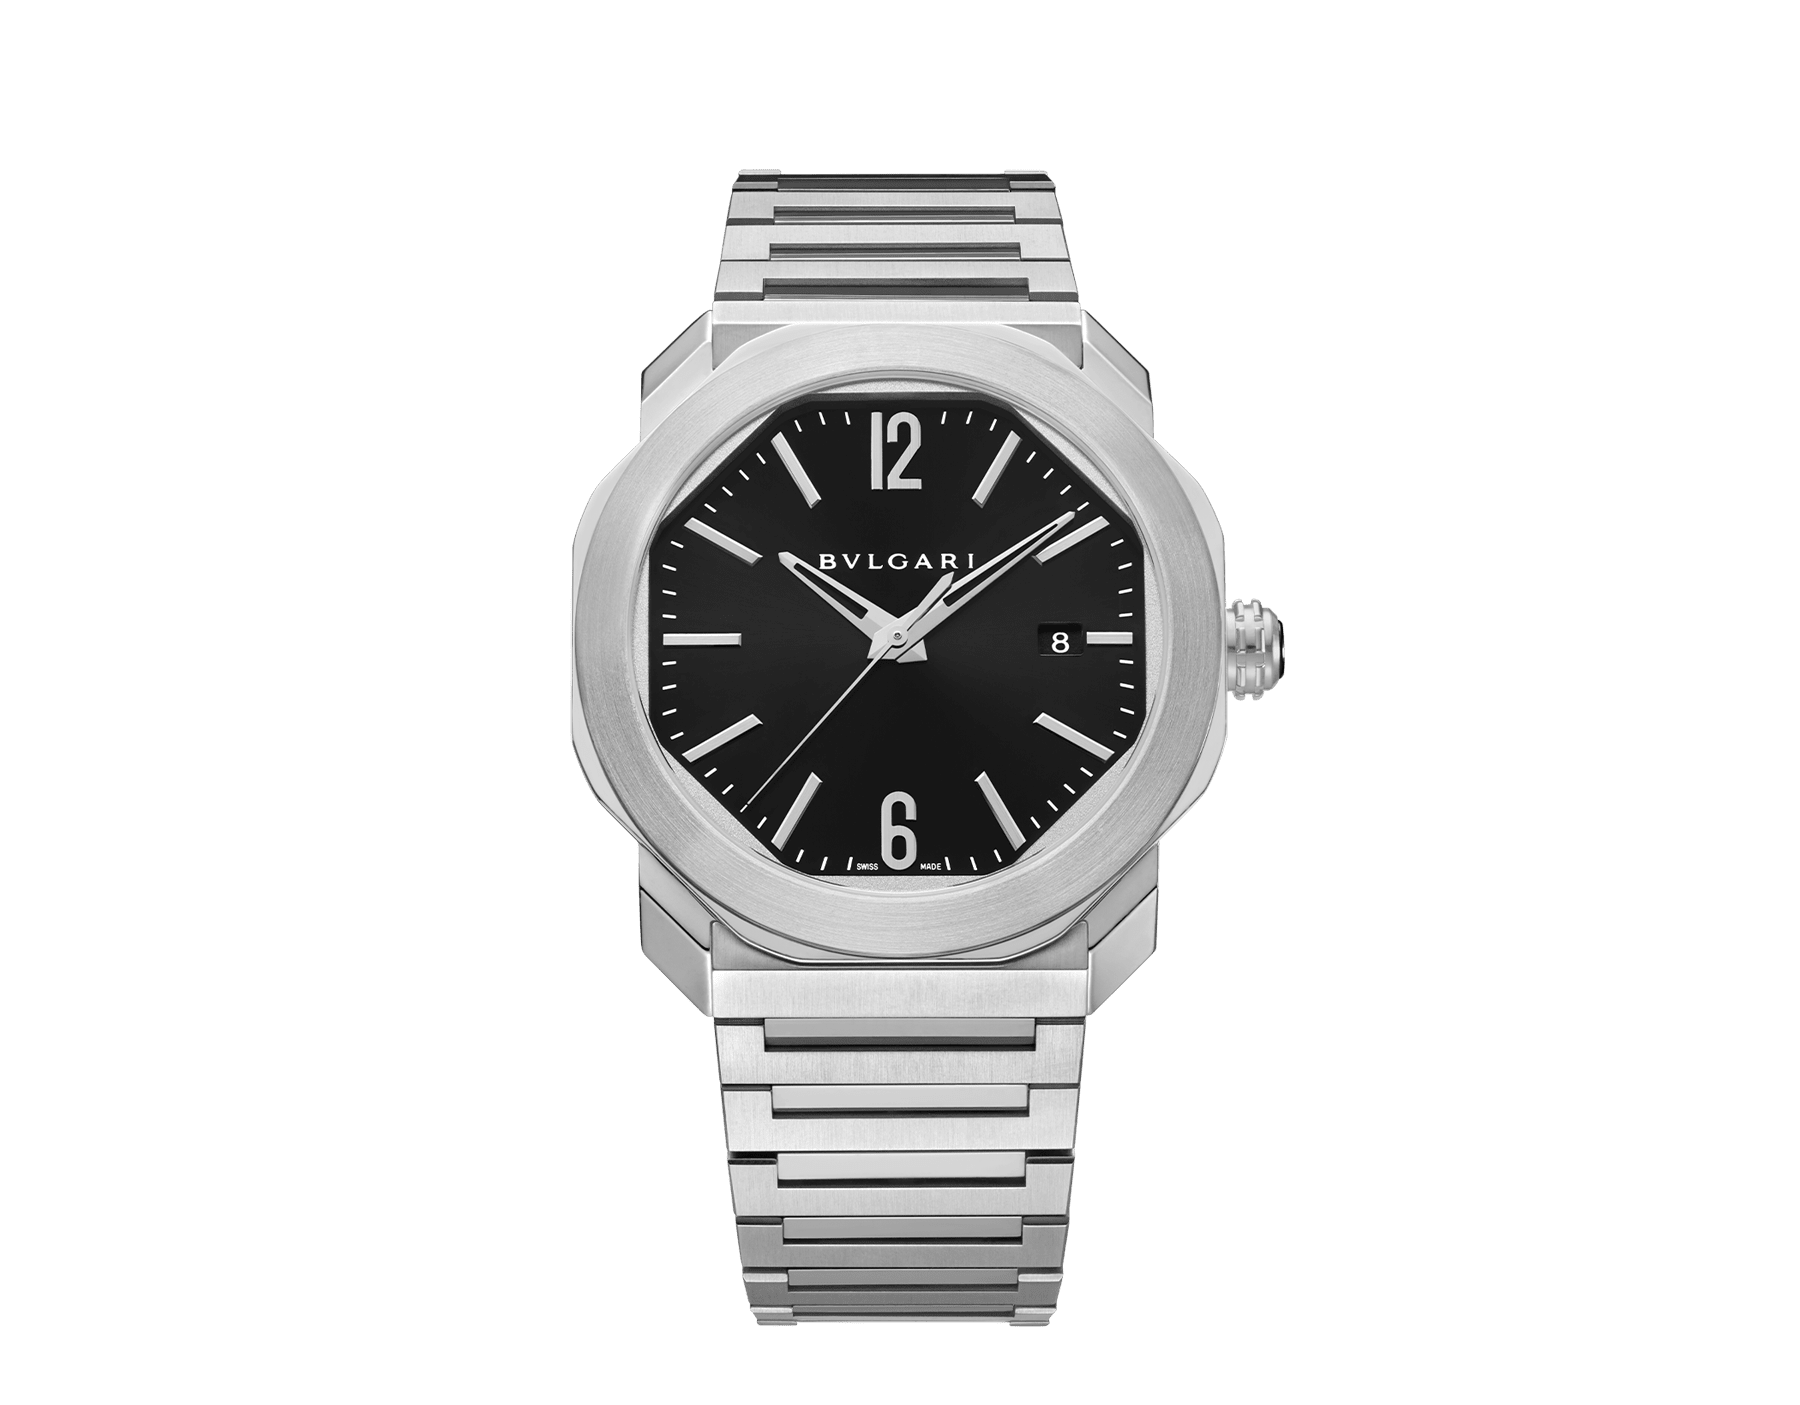 Montre Octo Roma avec mouvement mécanique de manufacture, remontage automatique, boîtier et bracelet en acier inoxydable, cadran laquénoir. 102704 image 1